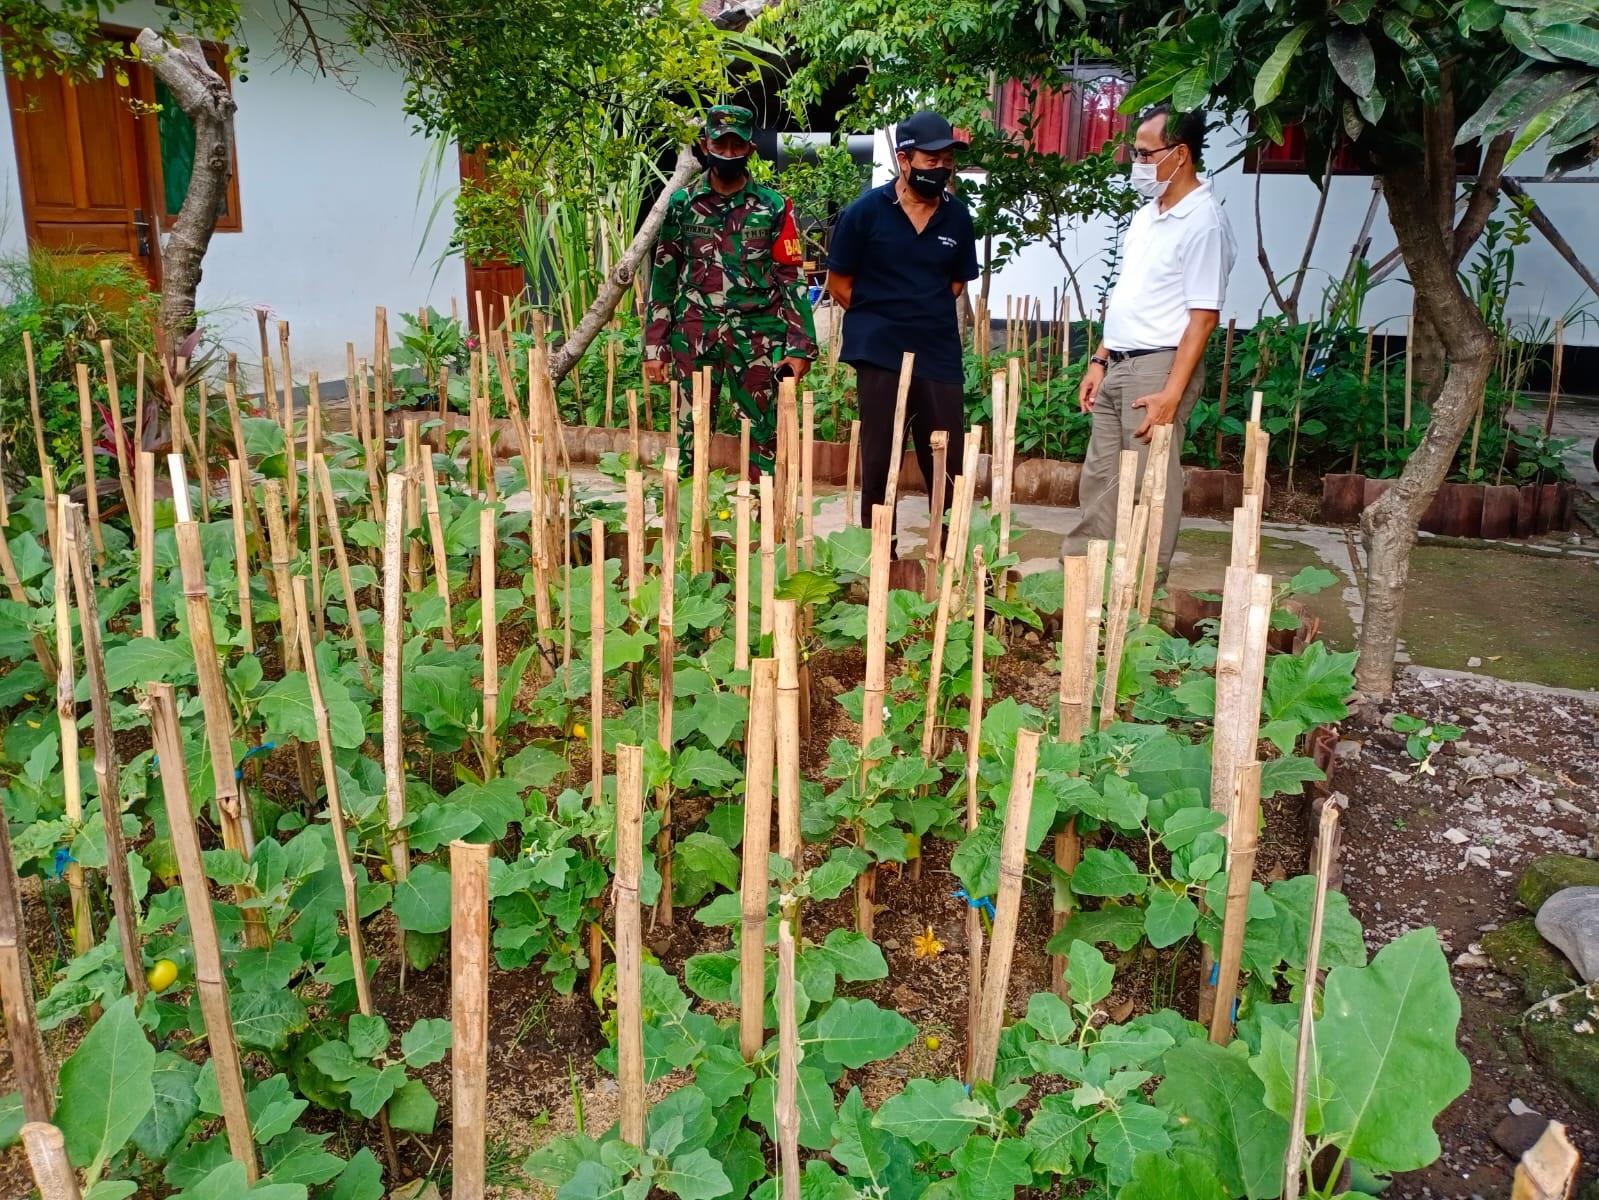 LAHAN kosong SMP PGRI 6 Denpasar dimanfaatkan Desa Dangin Puri Kelod untuk menanam aneka sayur mayur dan bumbu dapur untuk menyukseskan program ketahanan pangan desa. Kini lahan kosong milik sekolah juga dimanfaatkan untuk membuat rumah bibit. Foto: ist